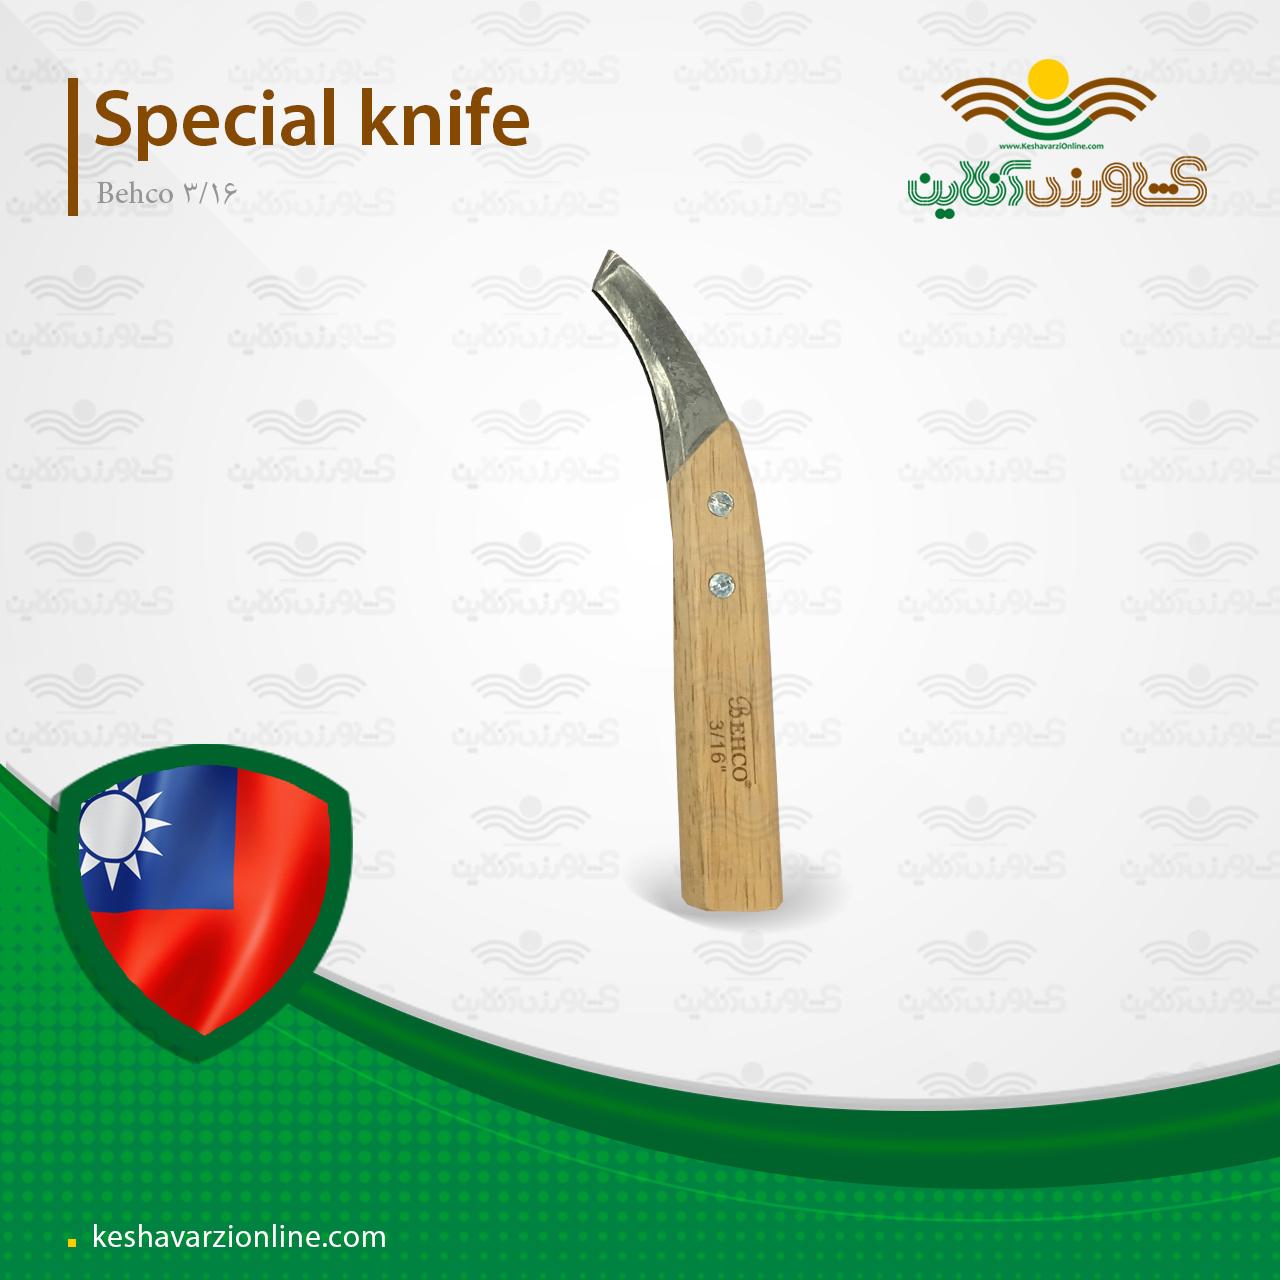 چاقوی مخصوص حلقه برداری یا طوقه زنی درخت